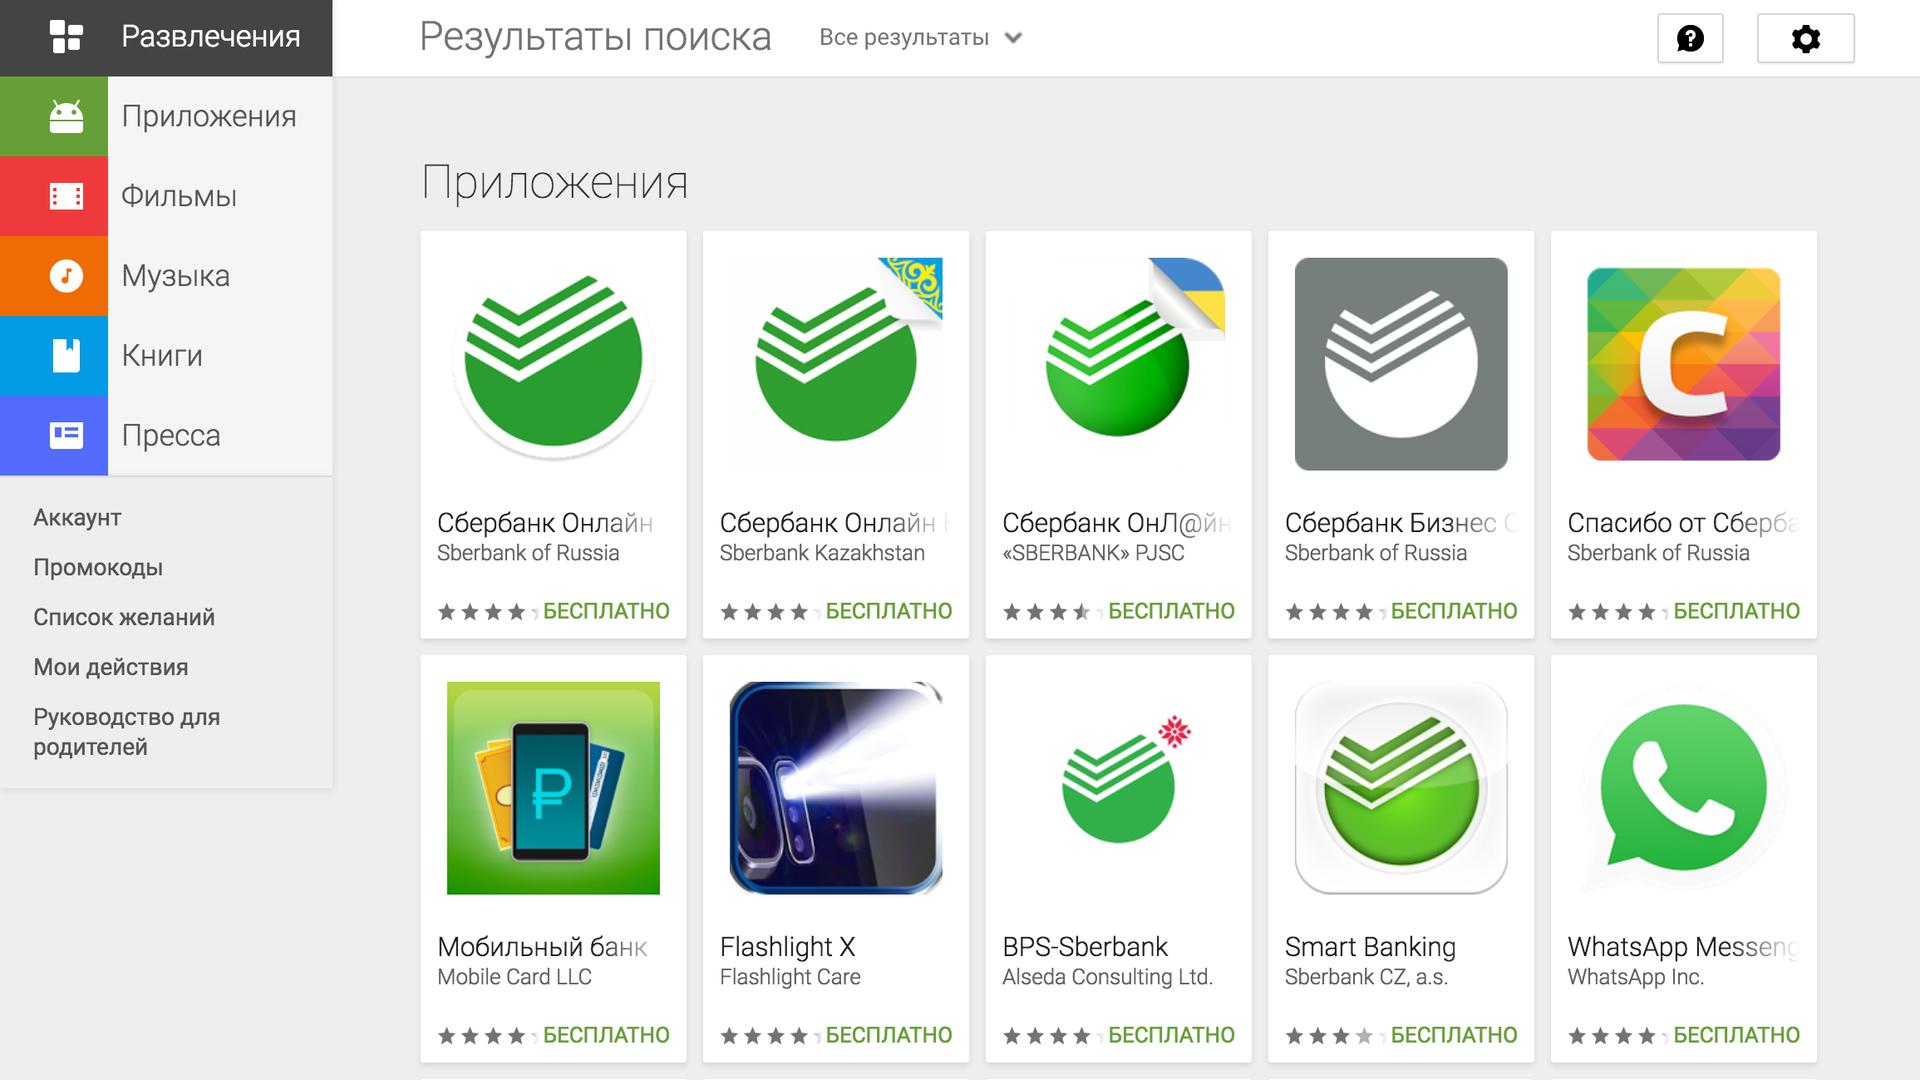 официальный сайт сбербанка россии личный кабинет регистрация